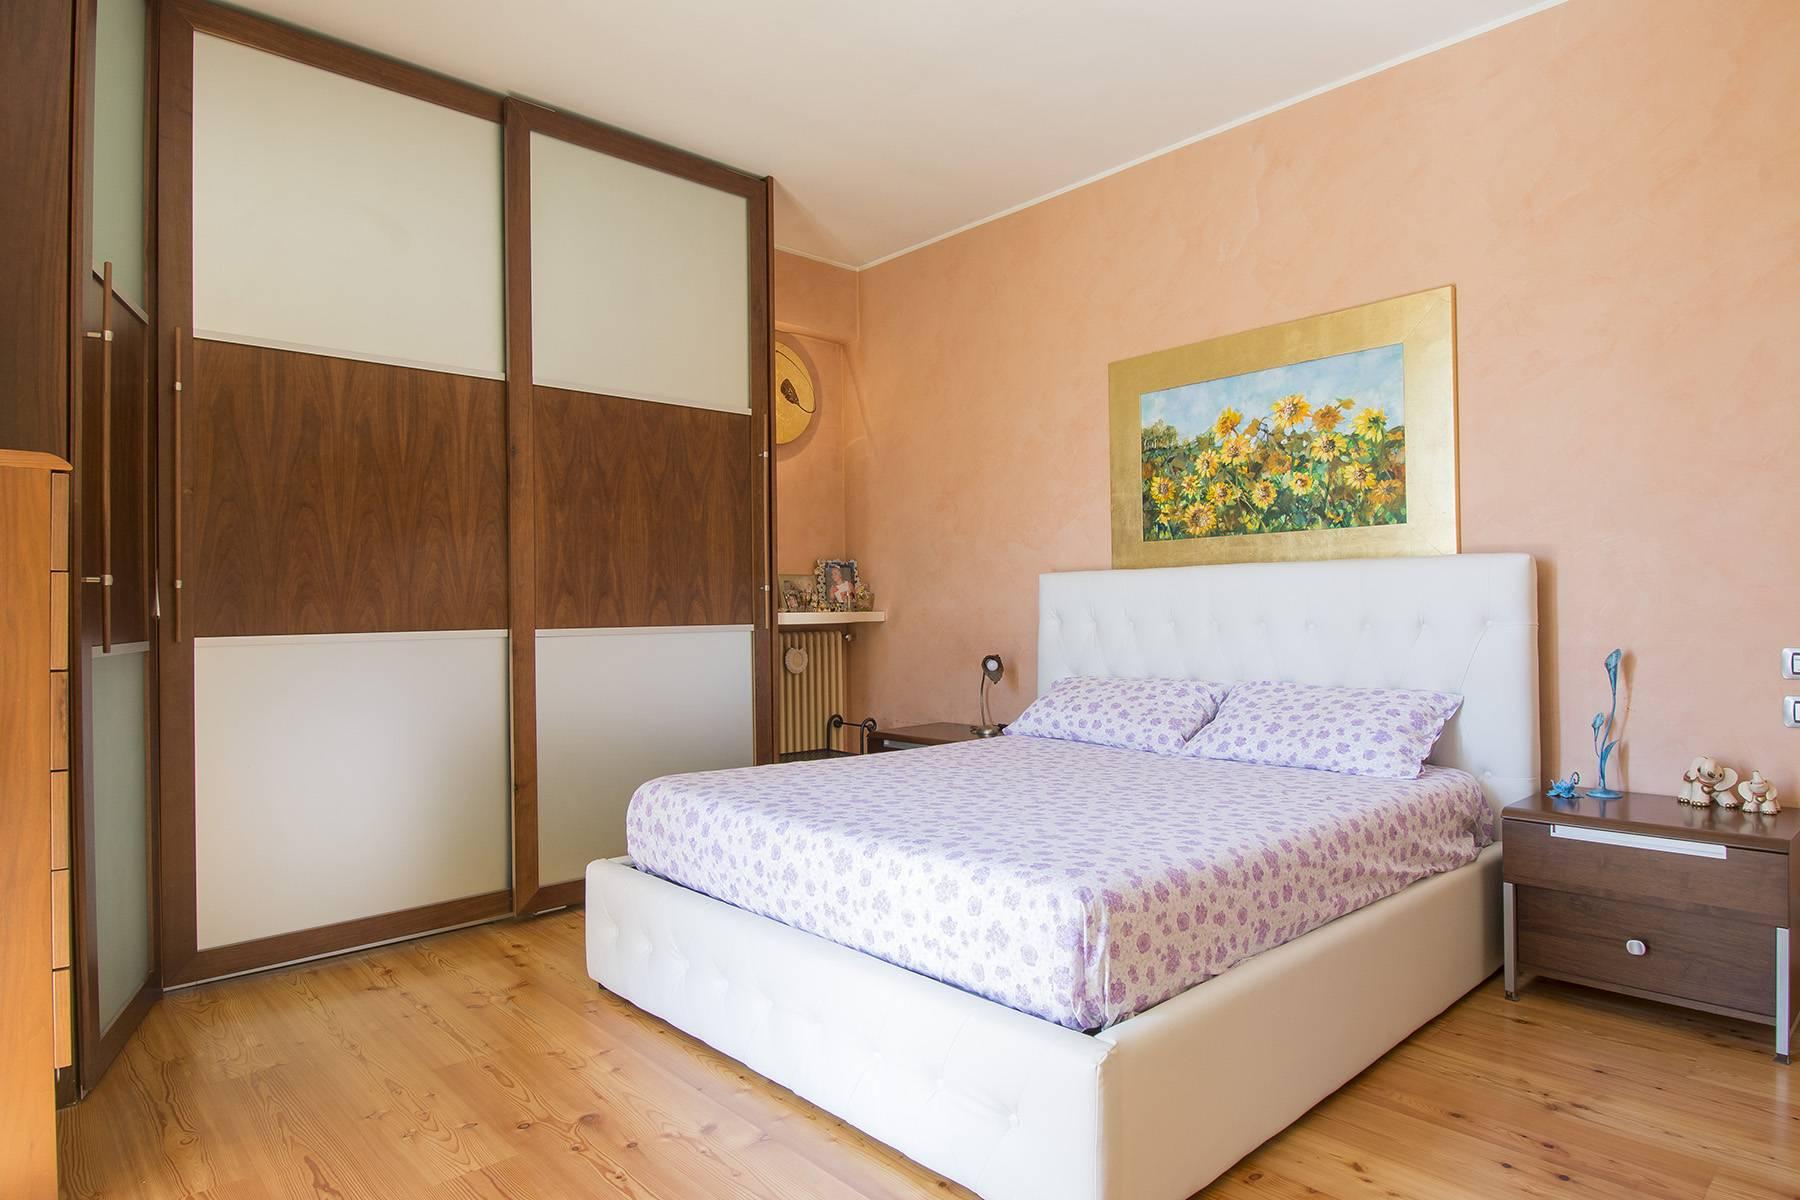 Casa indipendente in Vendita a Pietrasanta: 5 locali, 180 mq - Foto 19